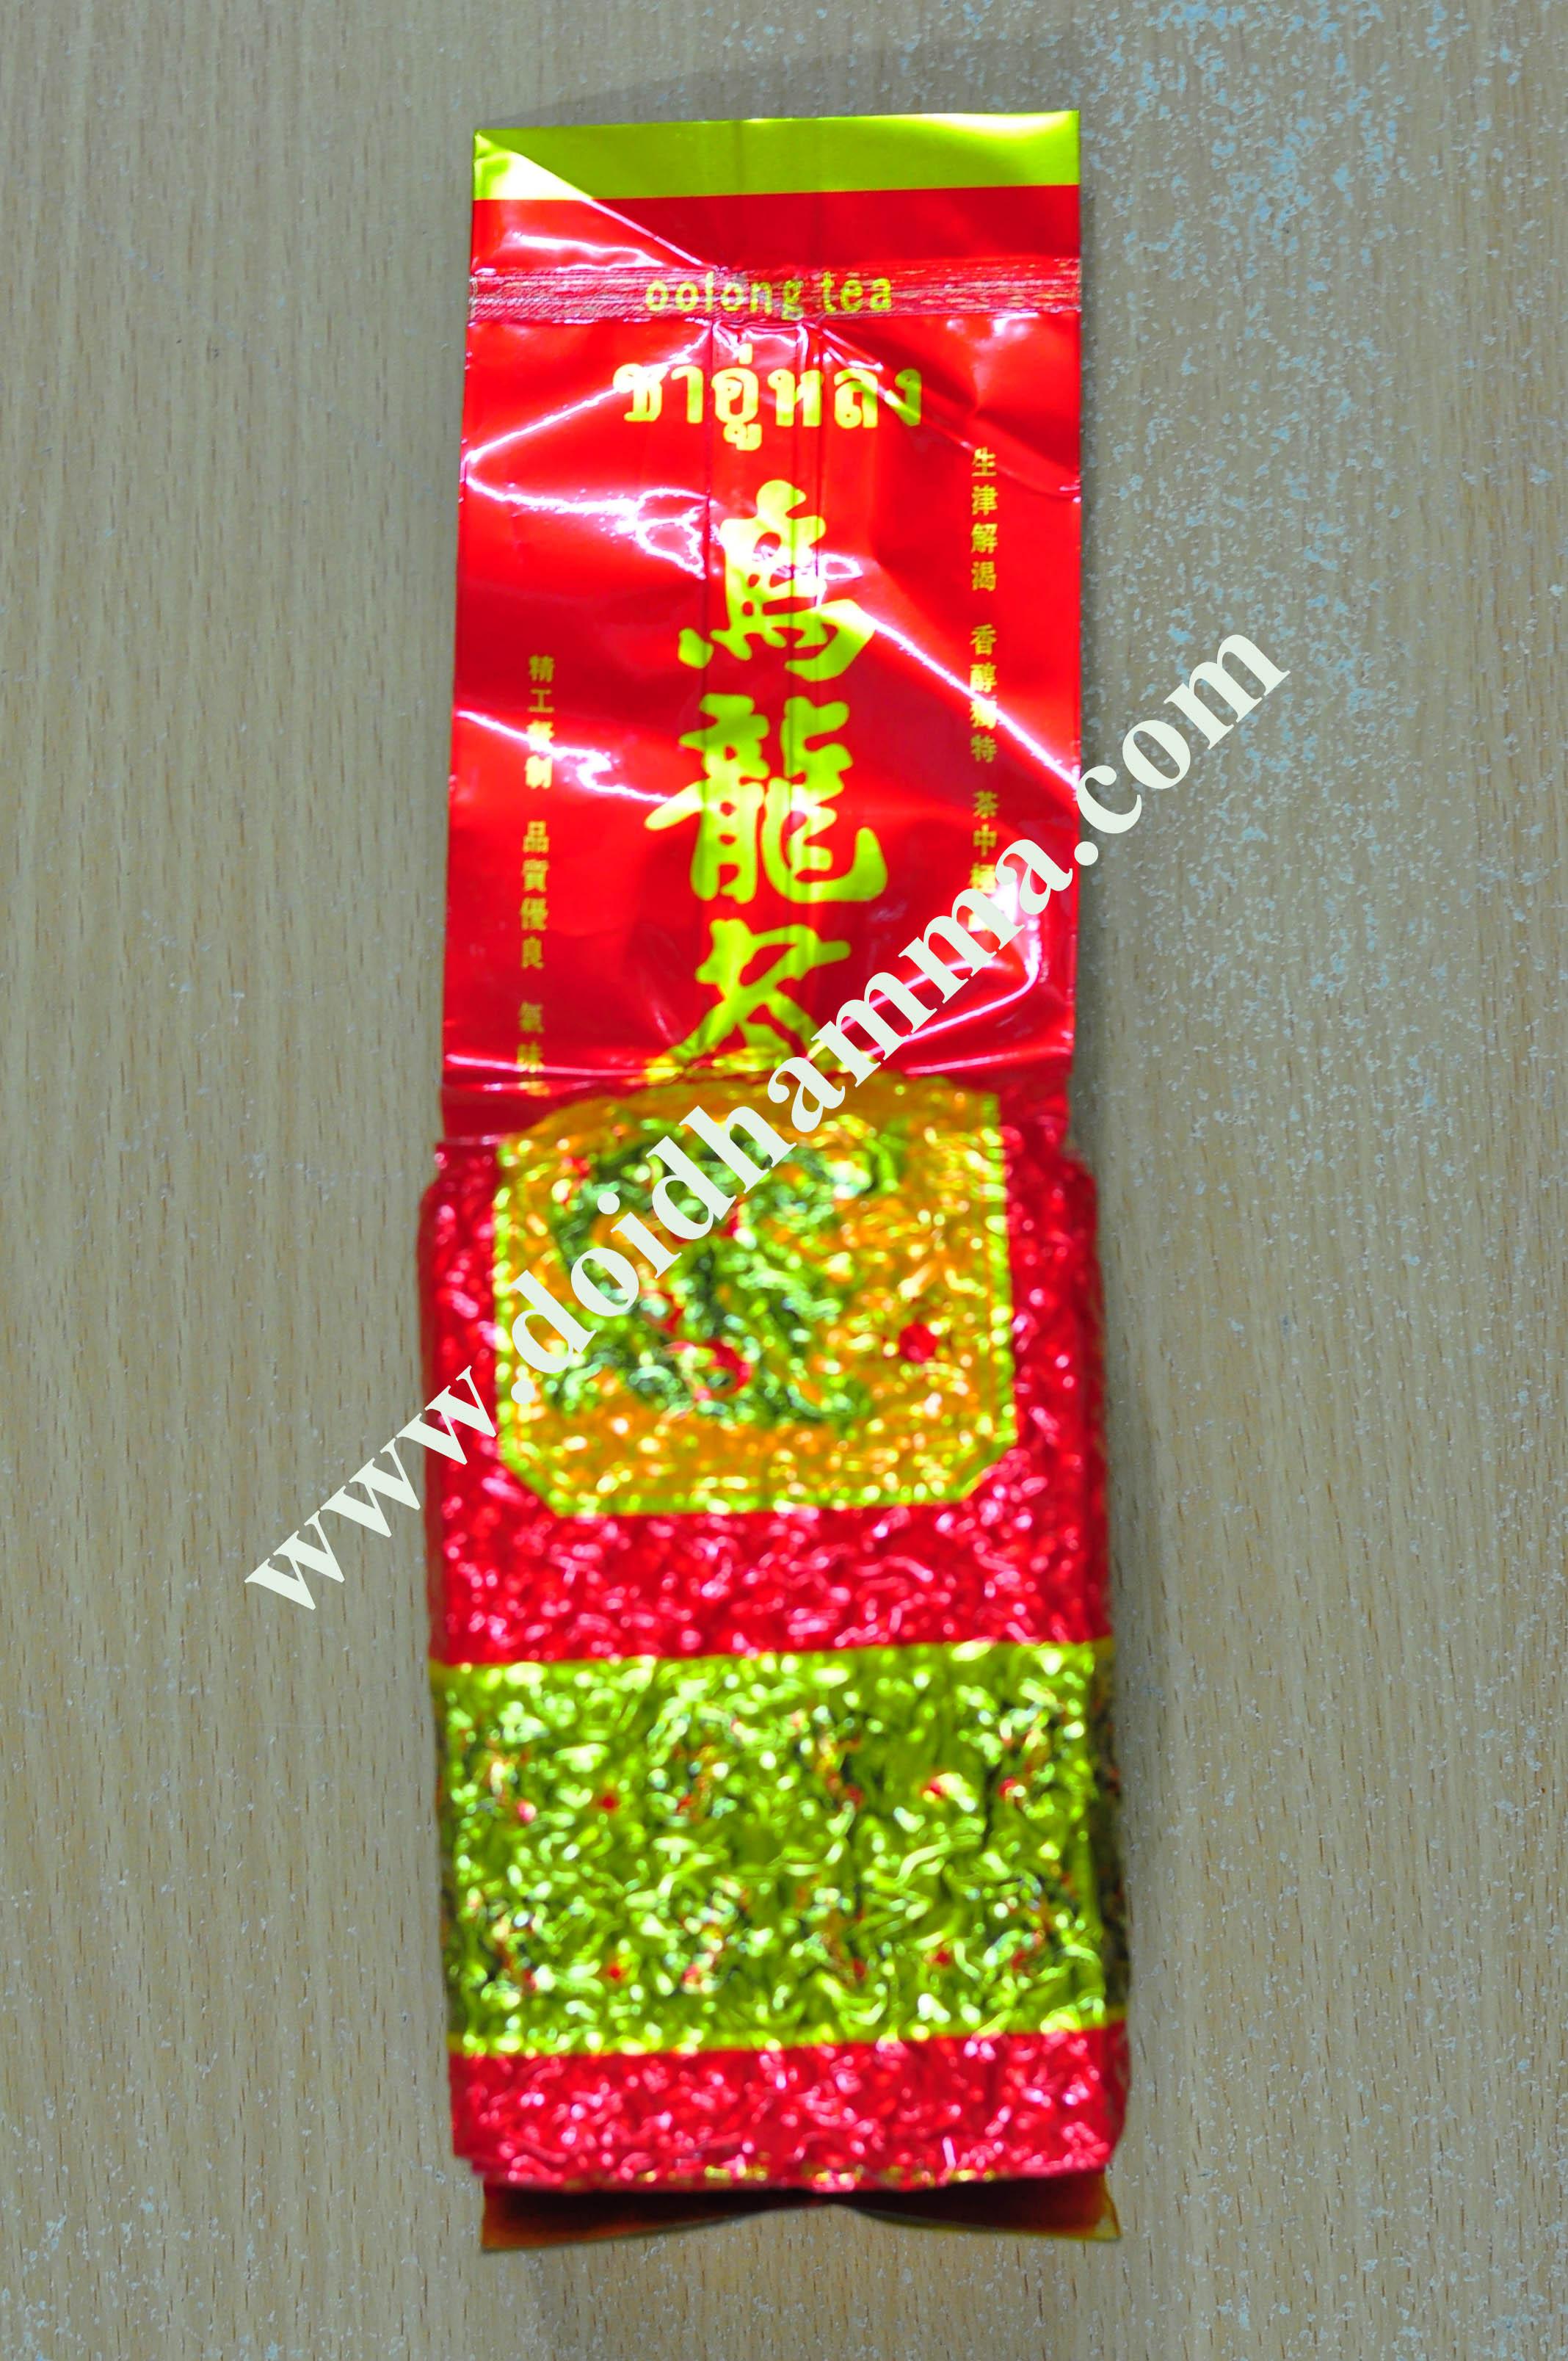 ชาอูหลงก้านอ่อน[เบอร์17] Oolong Tea No.17 (500g)